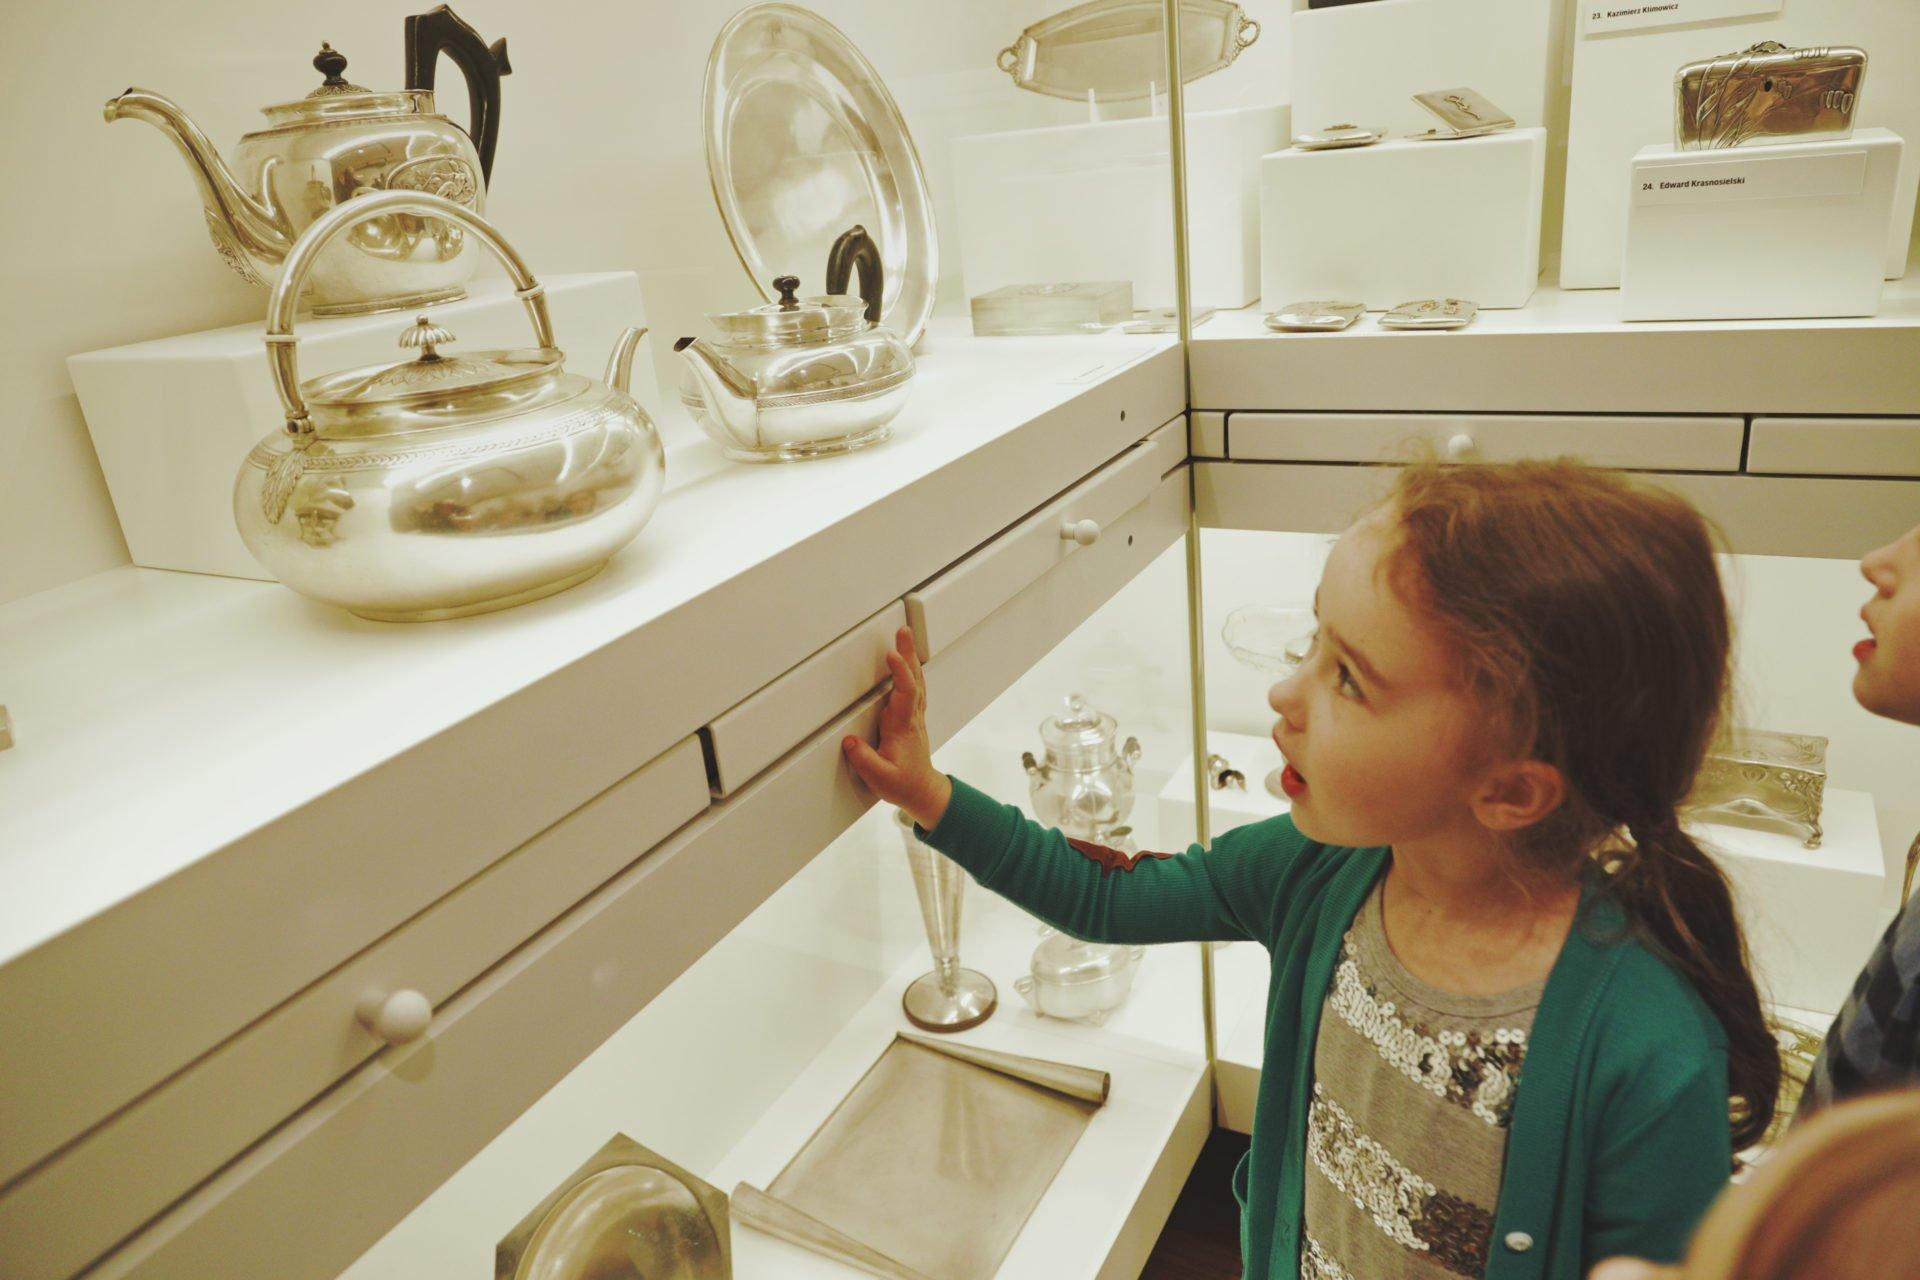 Poszukiwacze rzeczy w Muzeum Warszawy